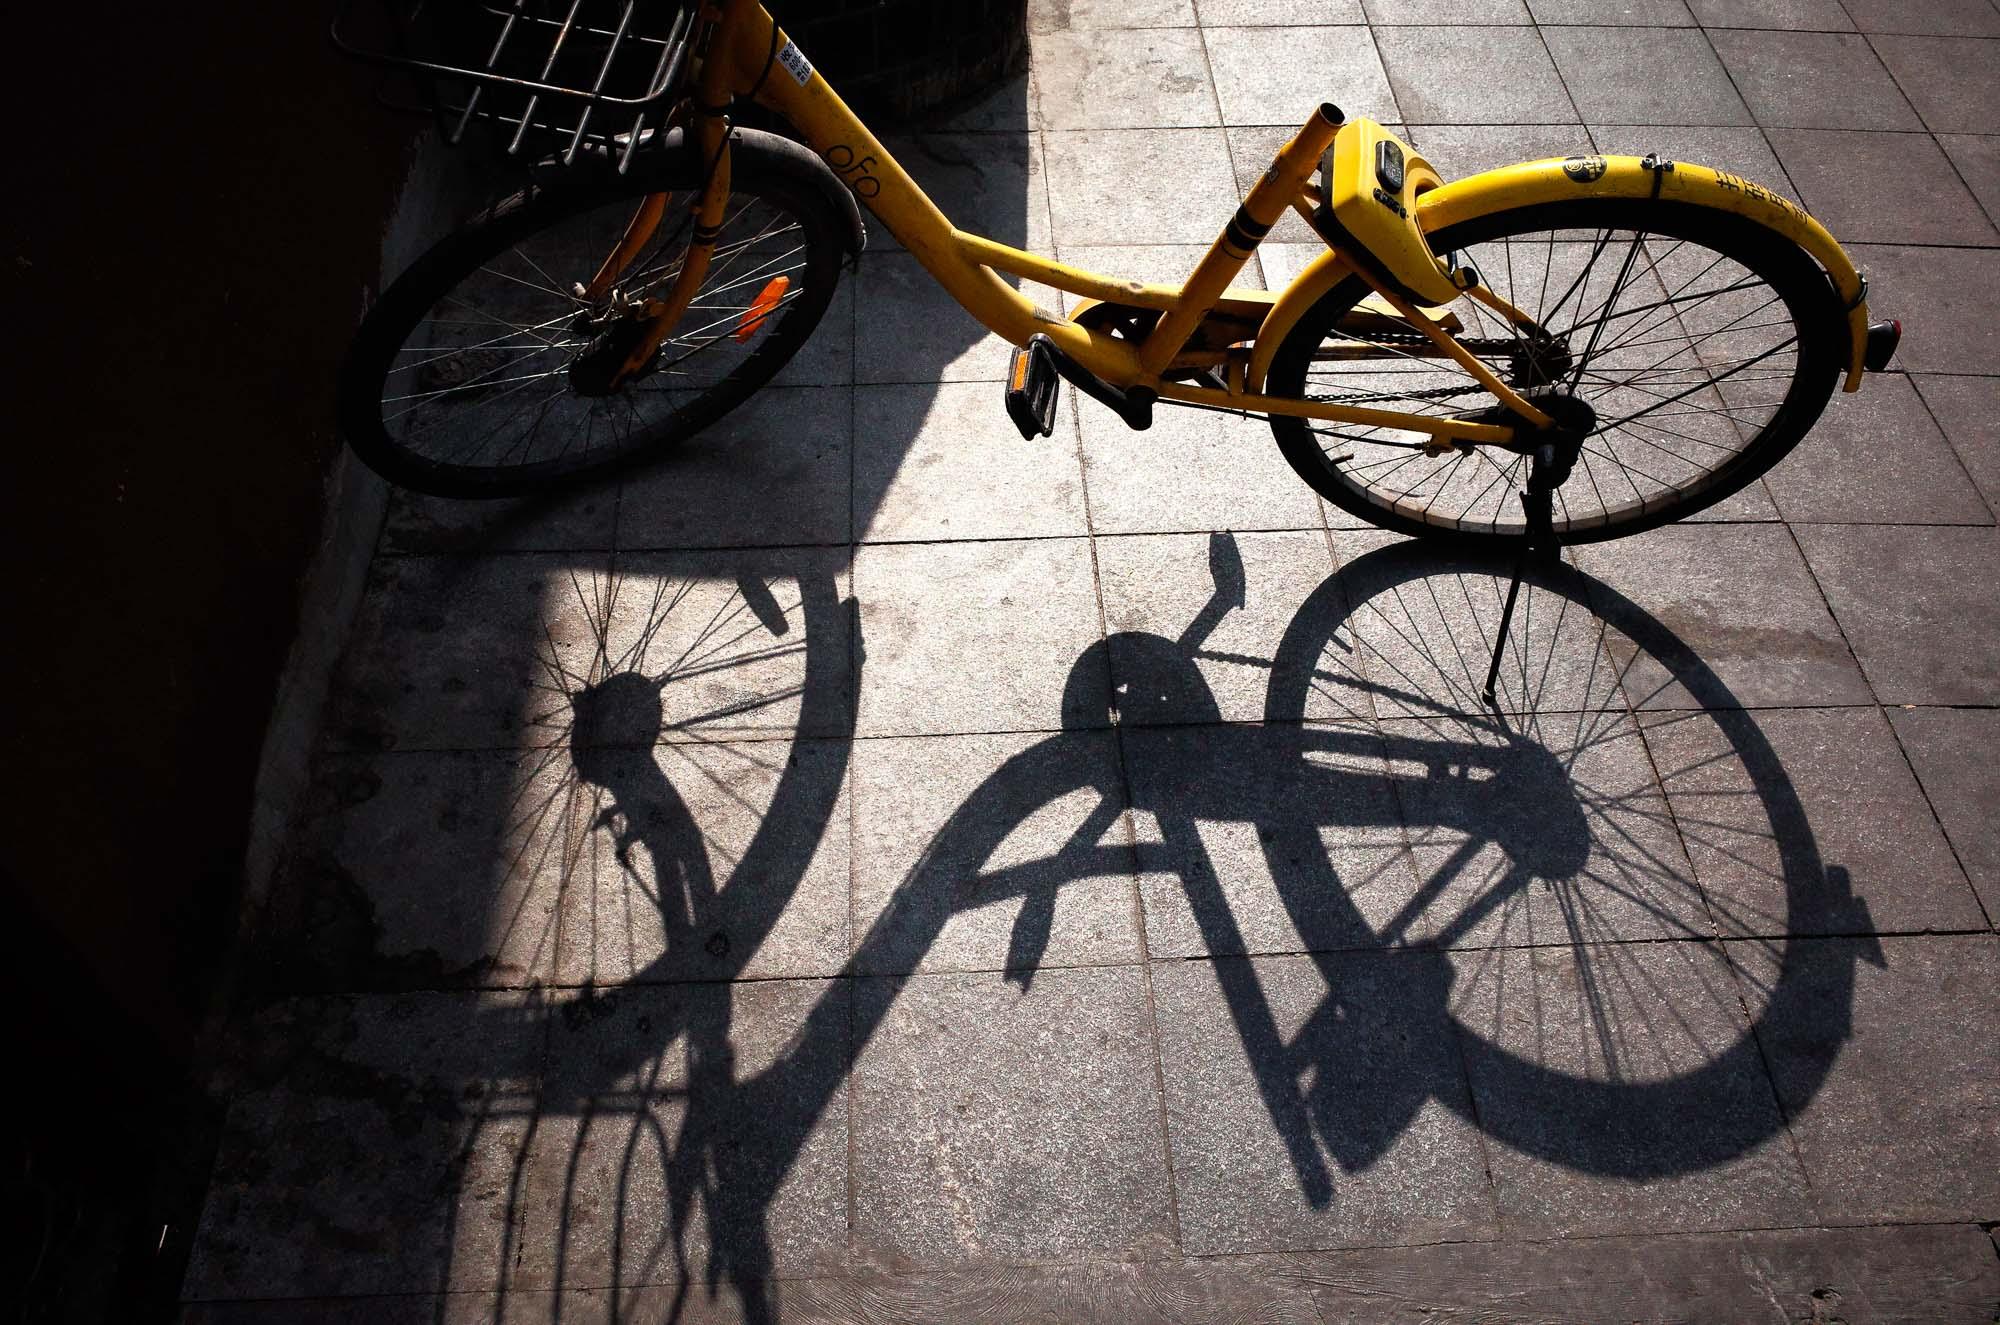 ollo / OFO bike ohne Sattel bei Dongzhimen, Beijing